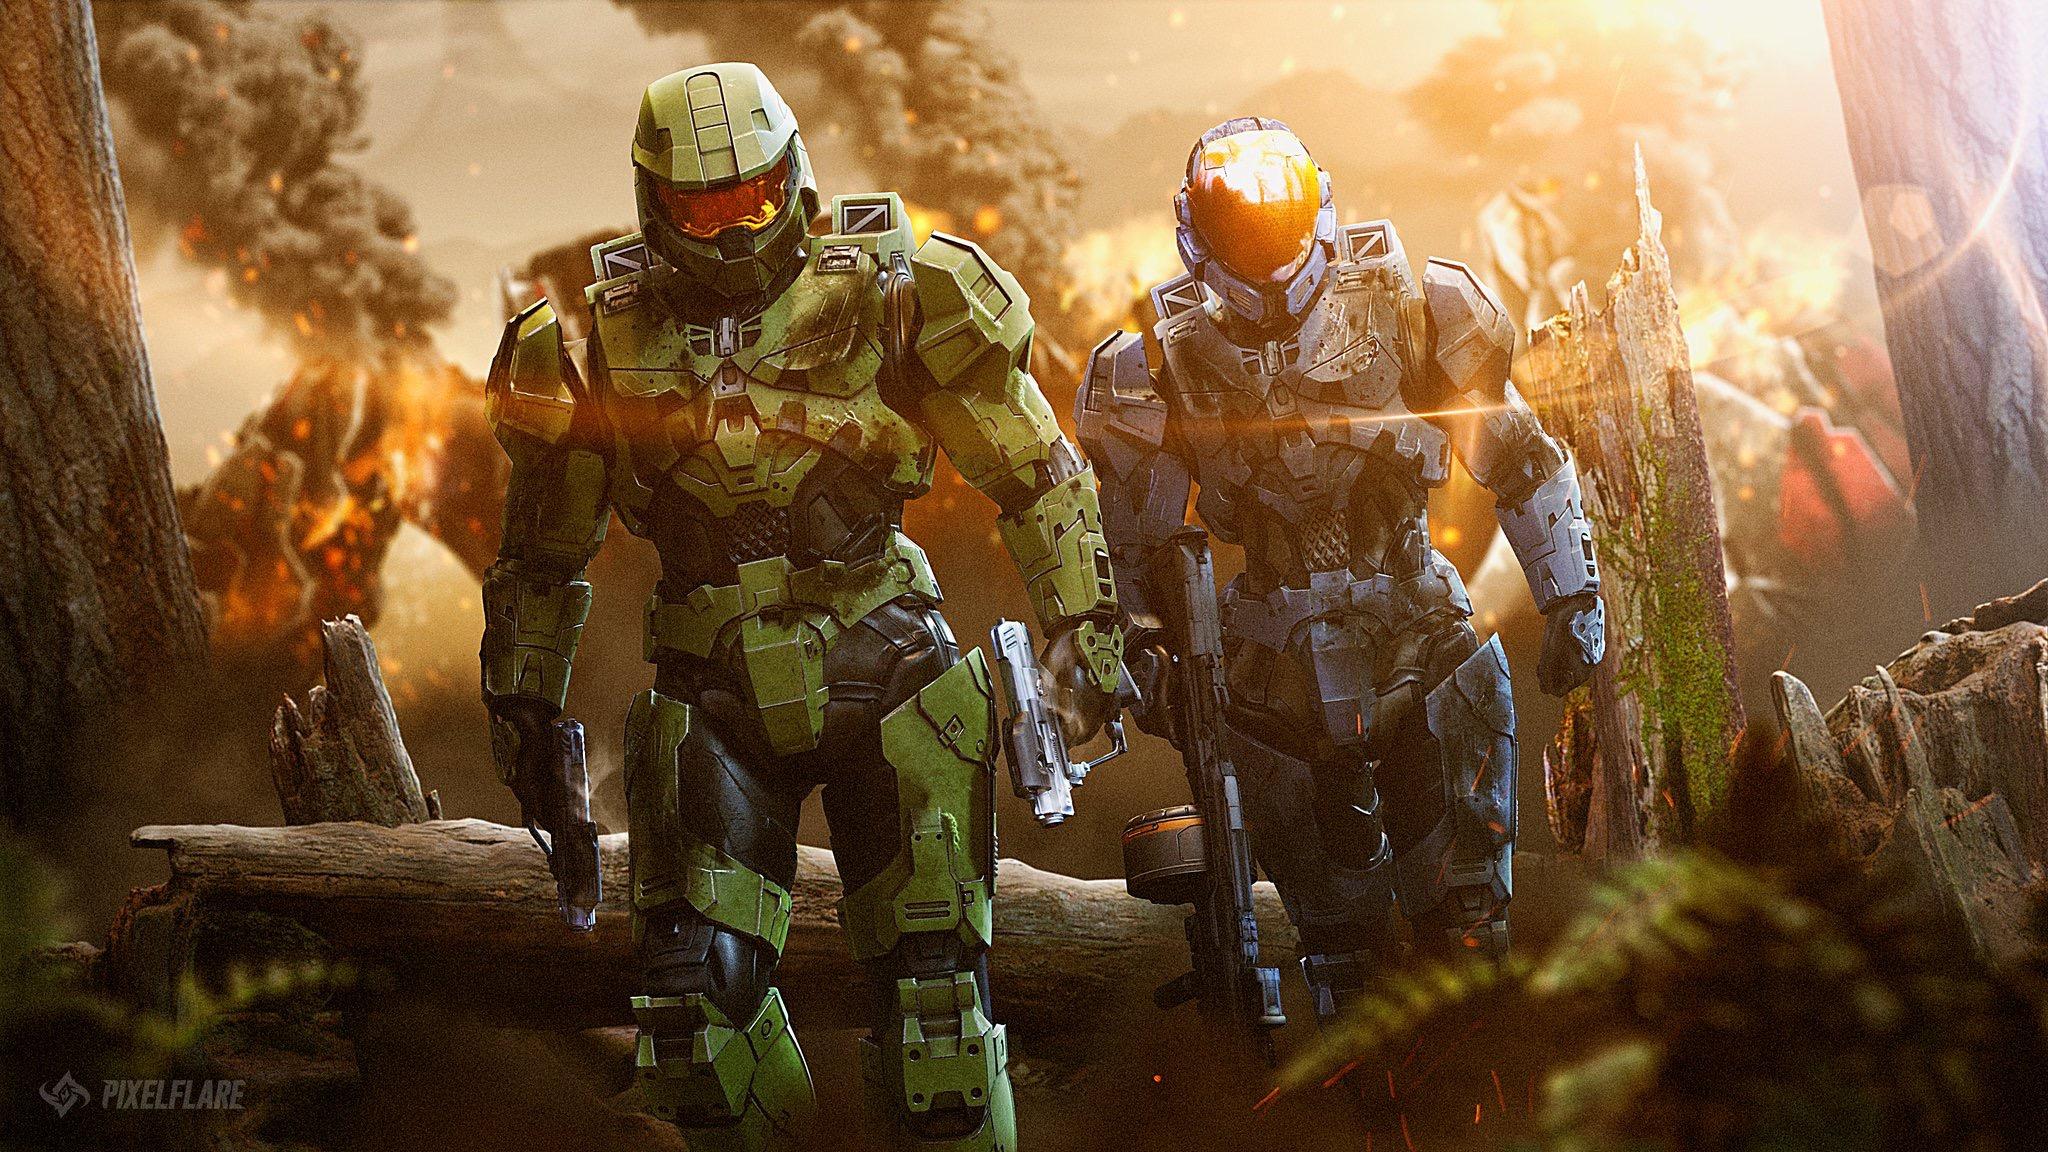 [Obiettivi] Halo 5 Guardians [Guida ai 1000G] - ultimo invio da Kesar